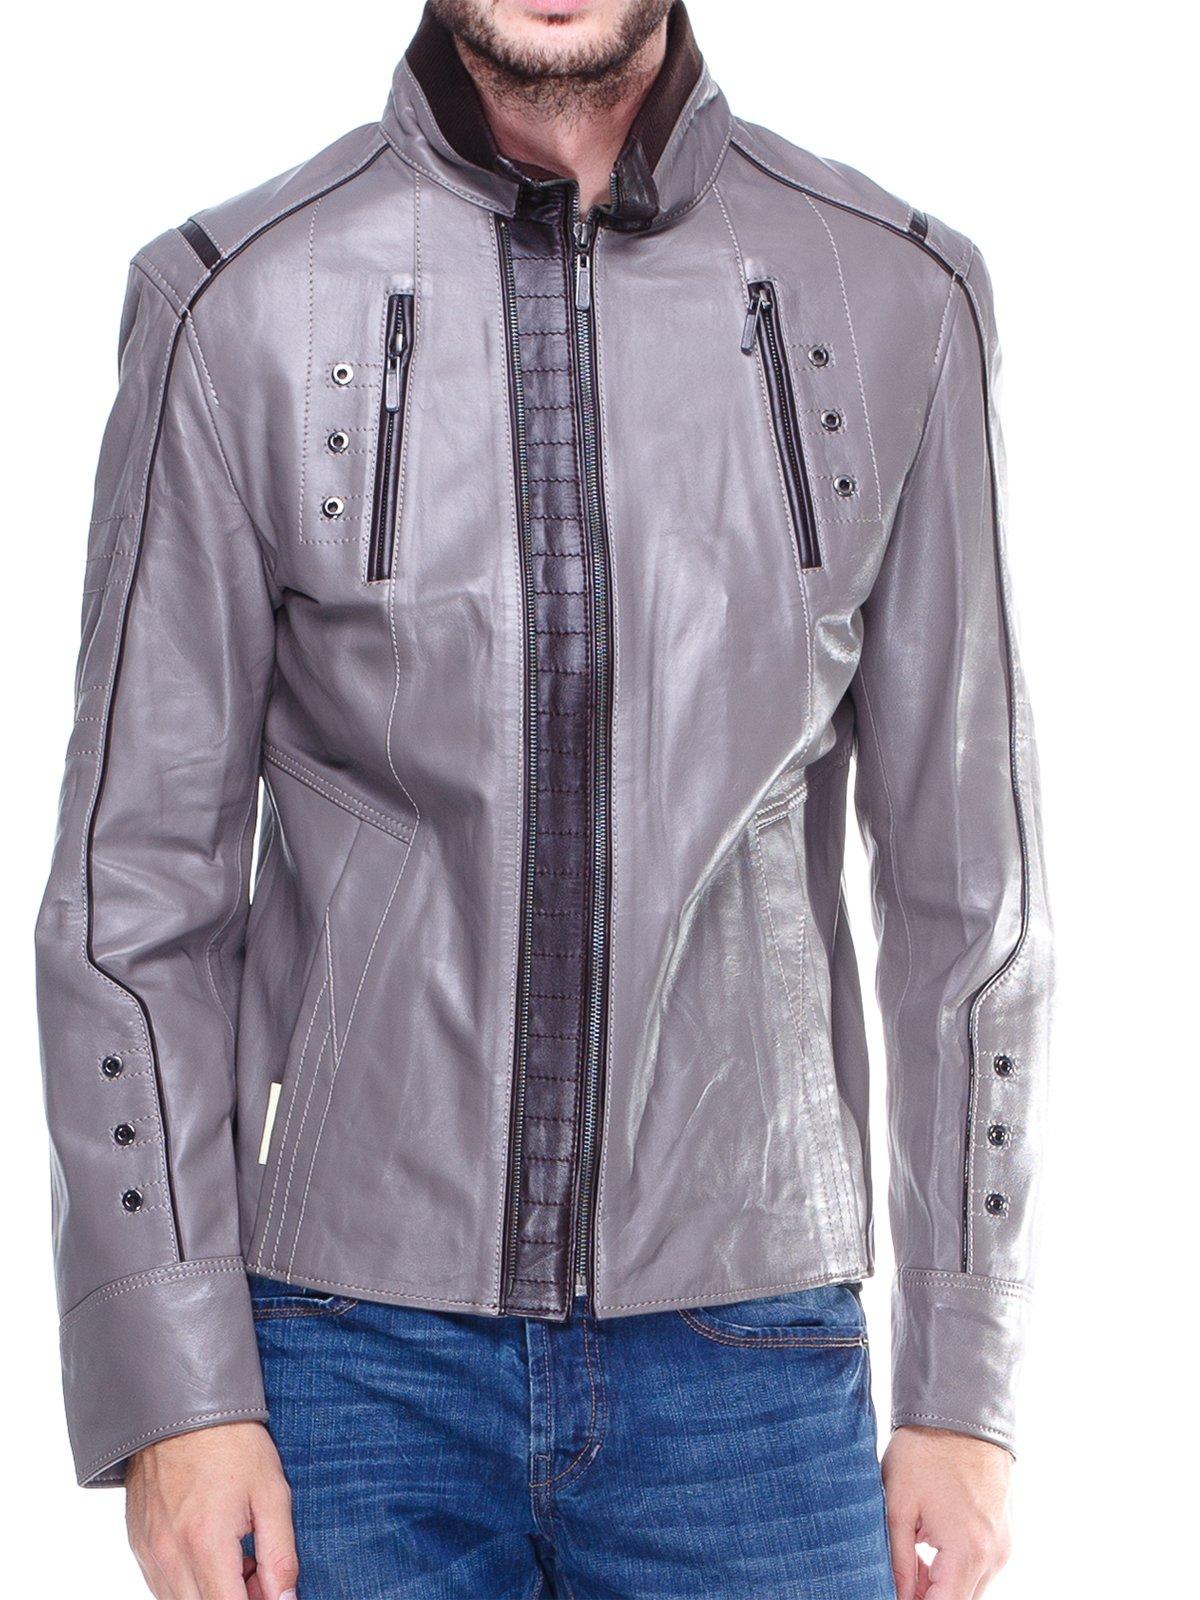 Куртка сіра з контрастним оздобленням і люверсами | 1830342 | фото 3